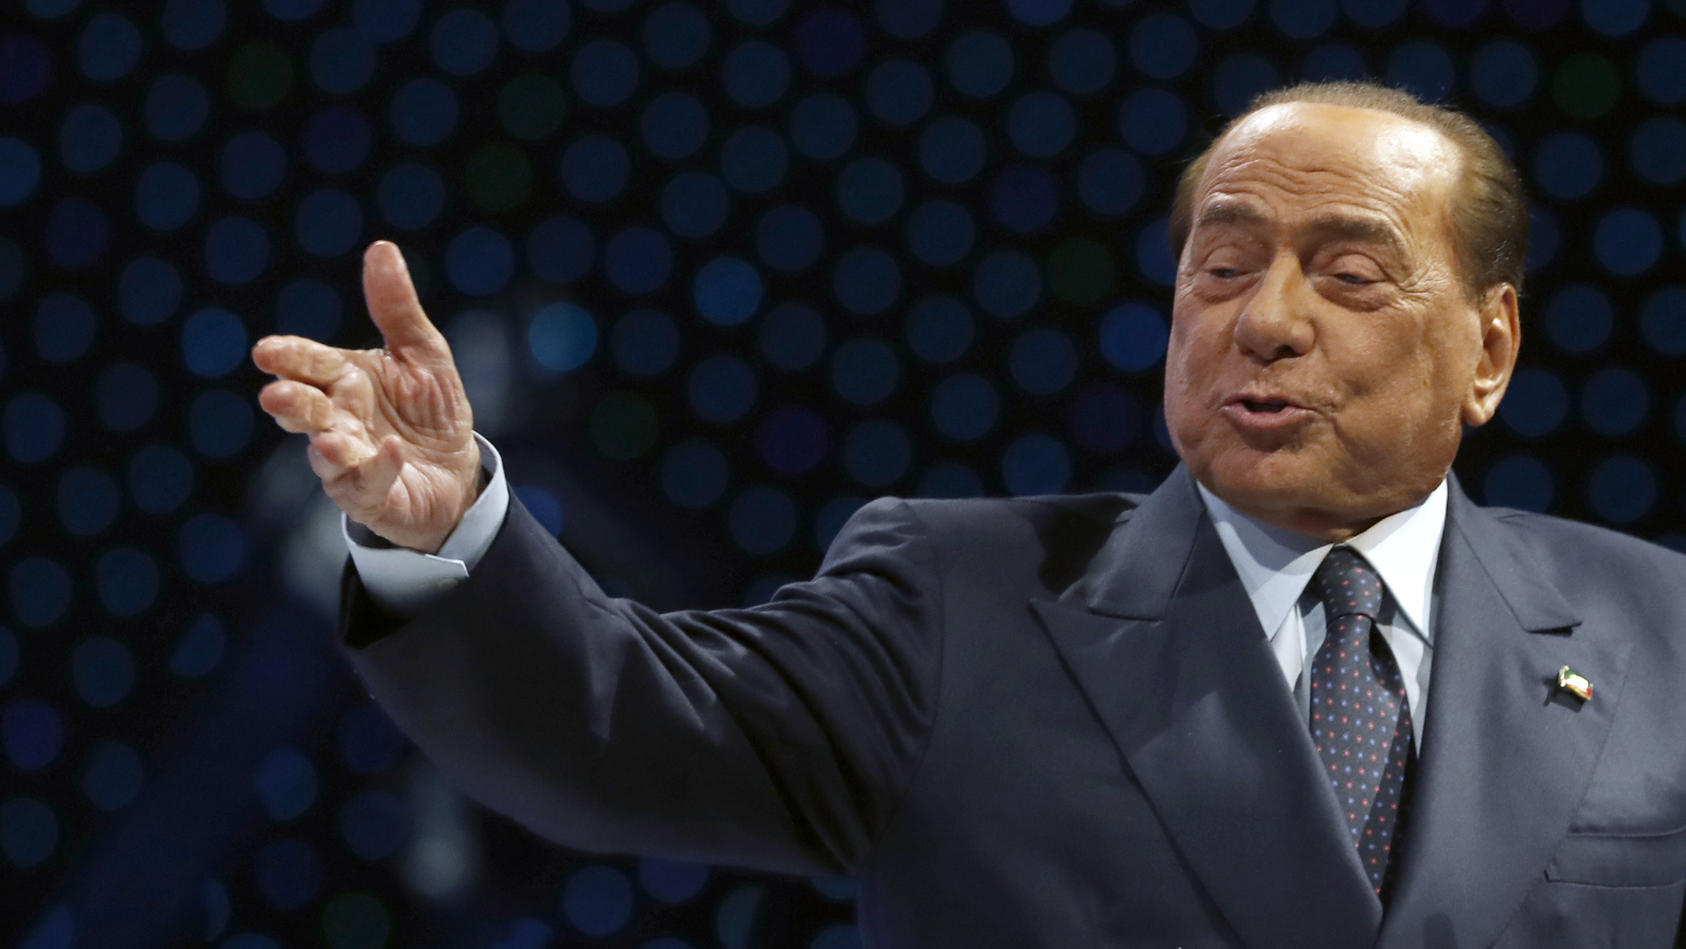 Silvio Berlusconi ist am Ende des Kongresses der Europäischen Volkspartei in Zagreb gestürzt und ins Krankenhaus gekommen.